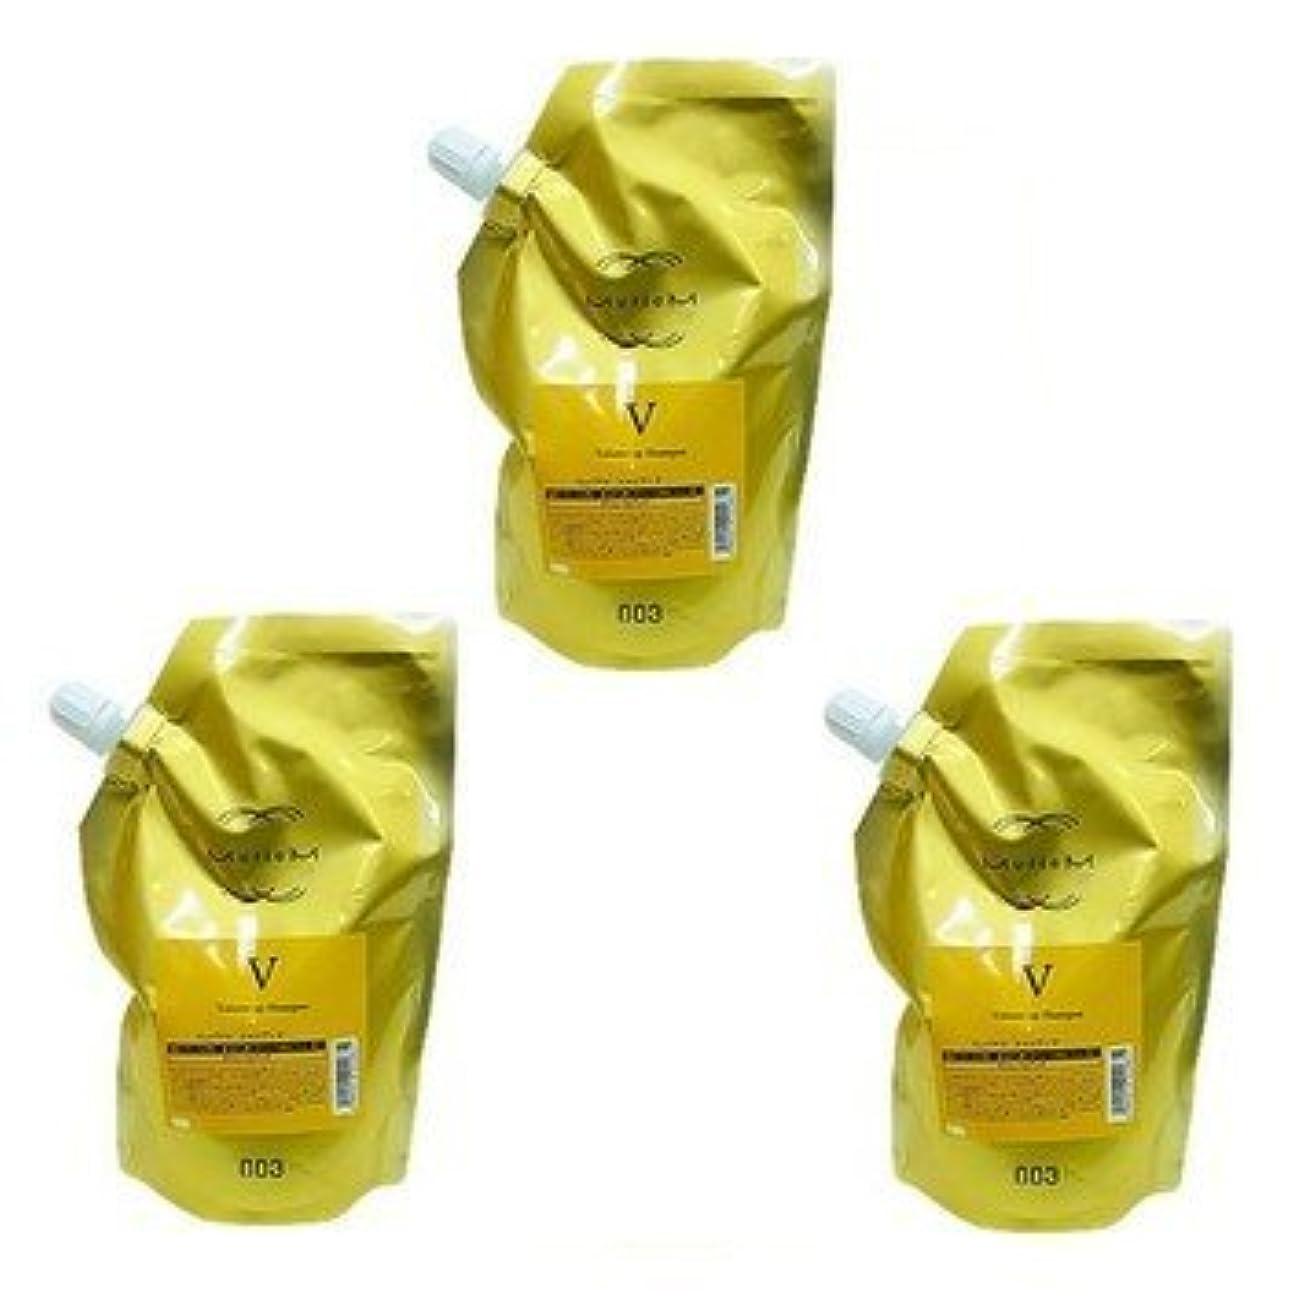 蓮エキスガード【X3個セット】 ナンバースリー ミュリアム ゴールド シャンプー V 500ml 詰替え用